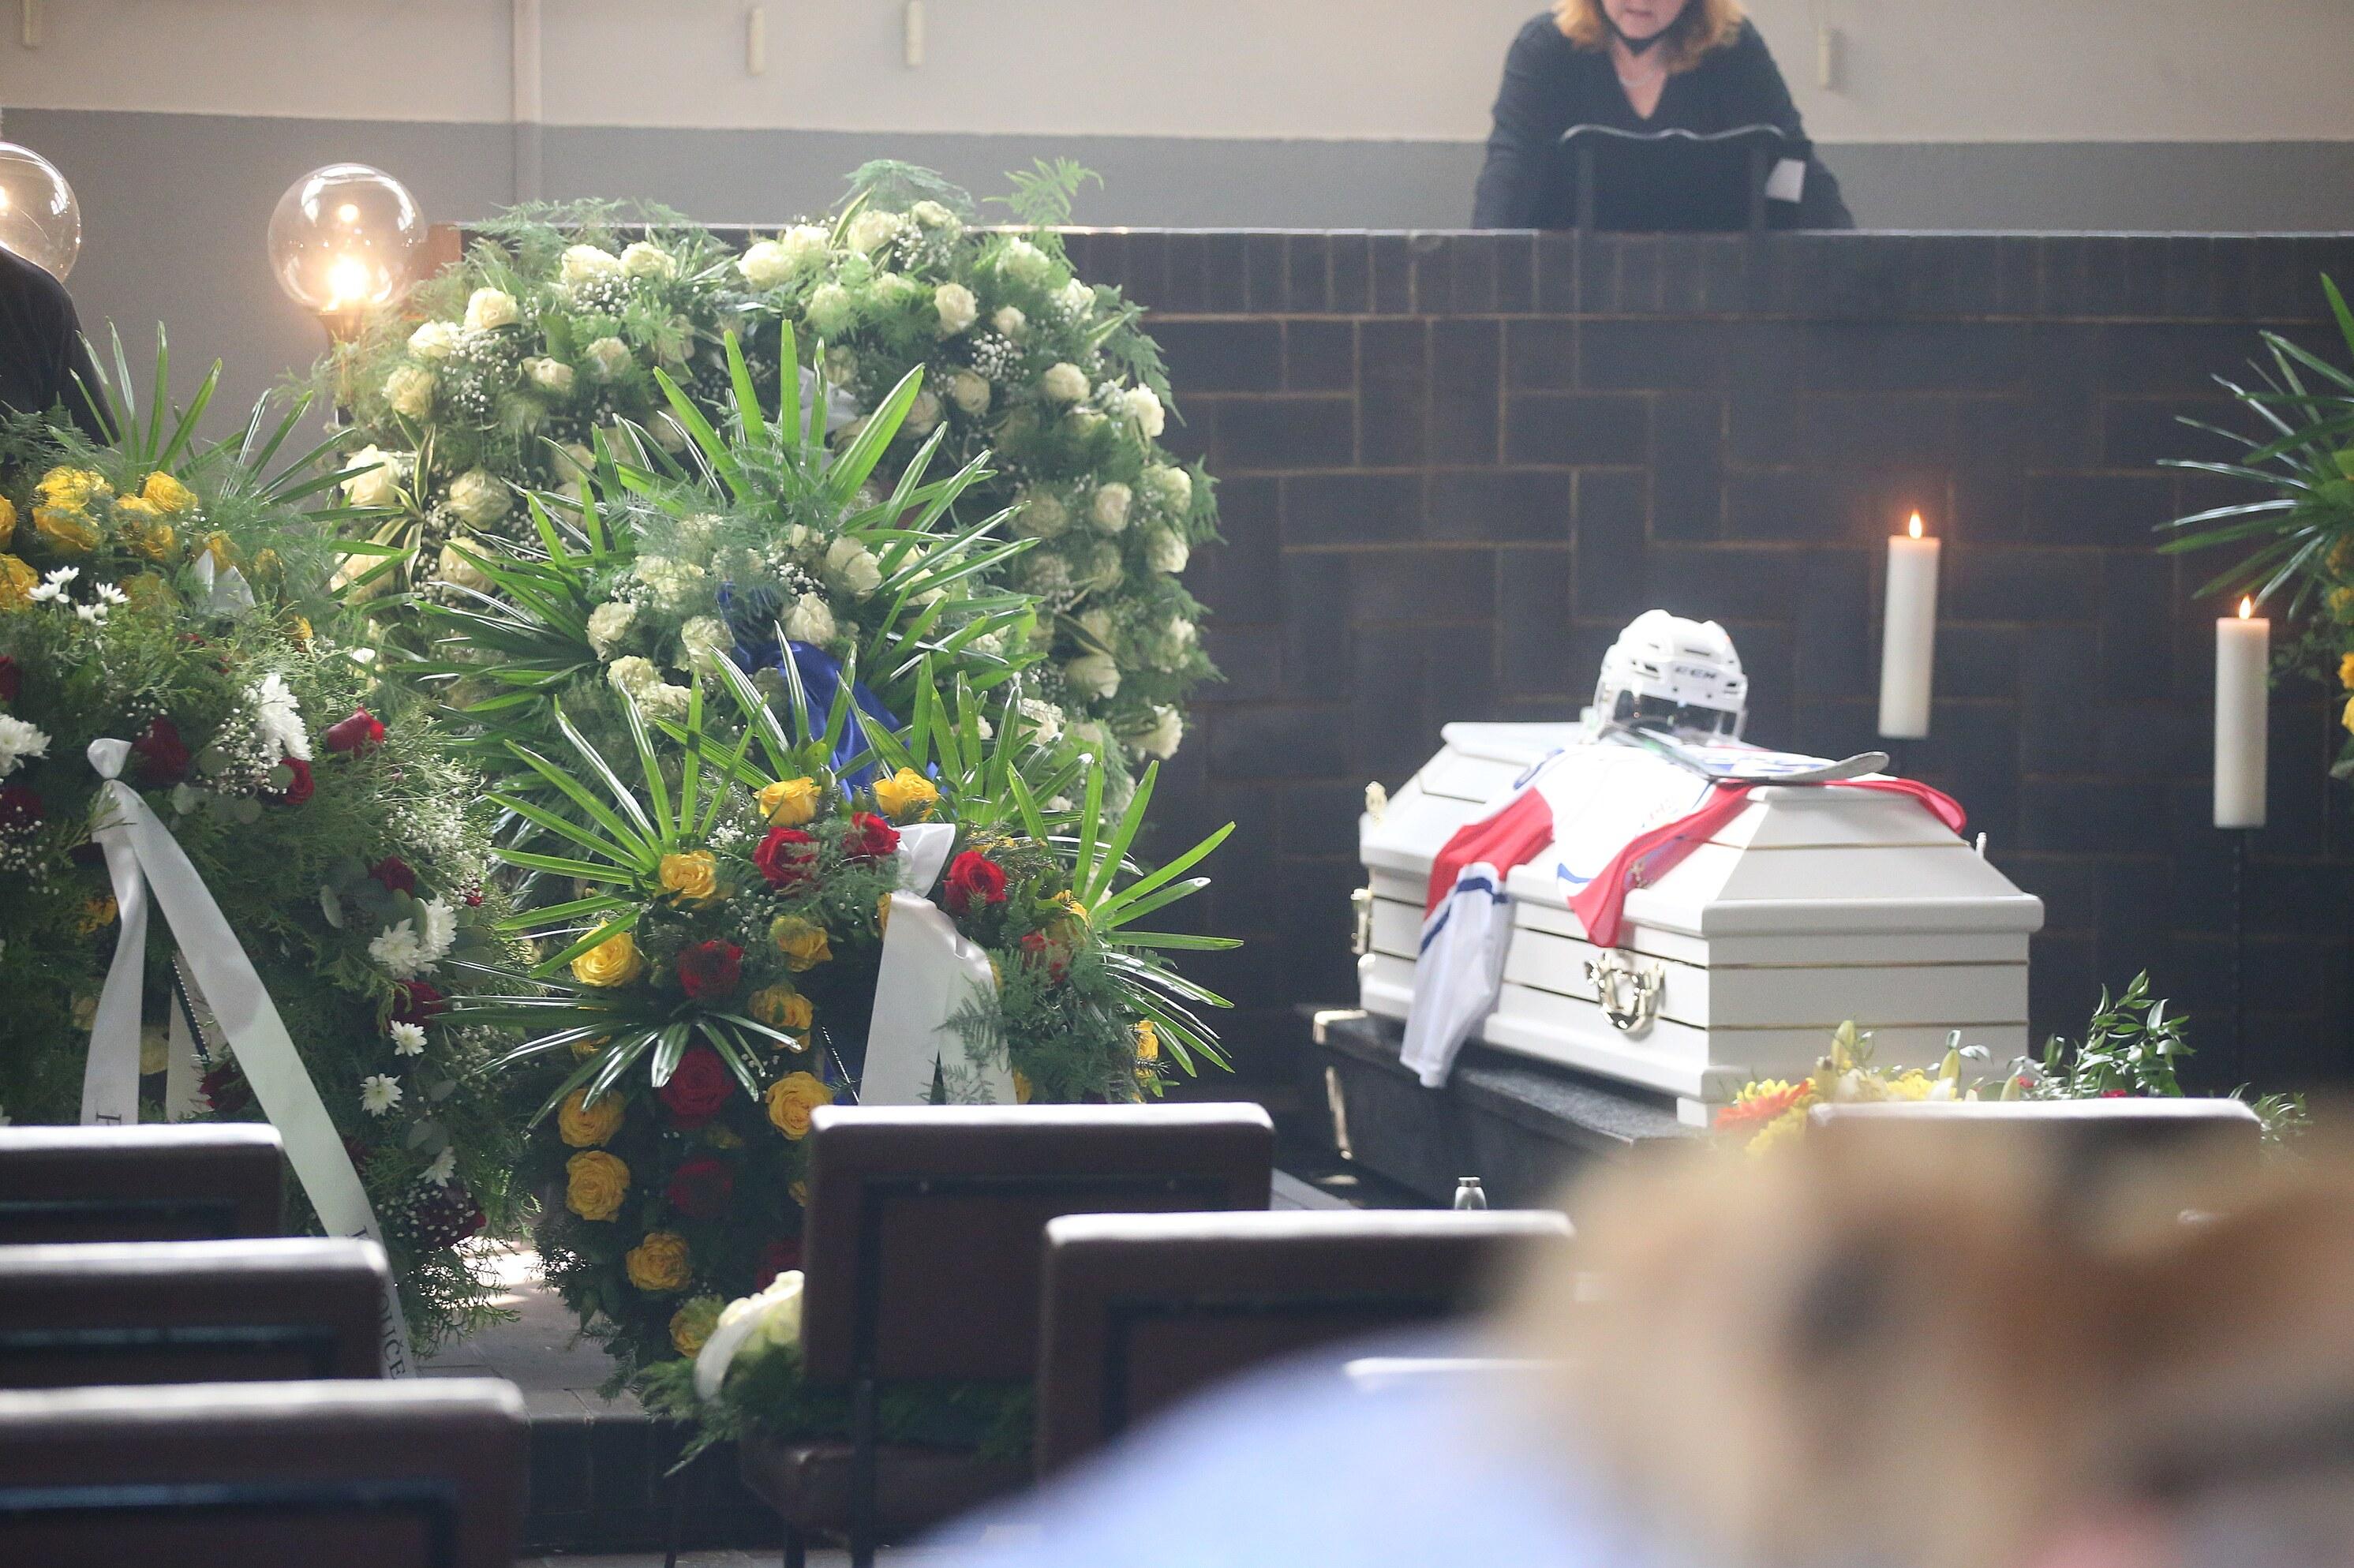 Rodina Markovi Trončinskému přinesla helmu, hokejku a dres.